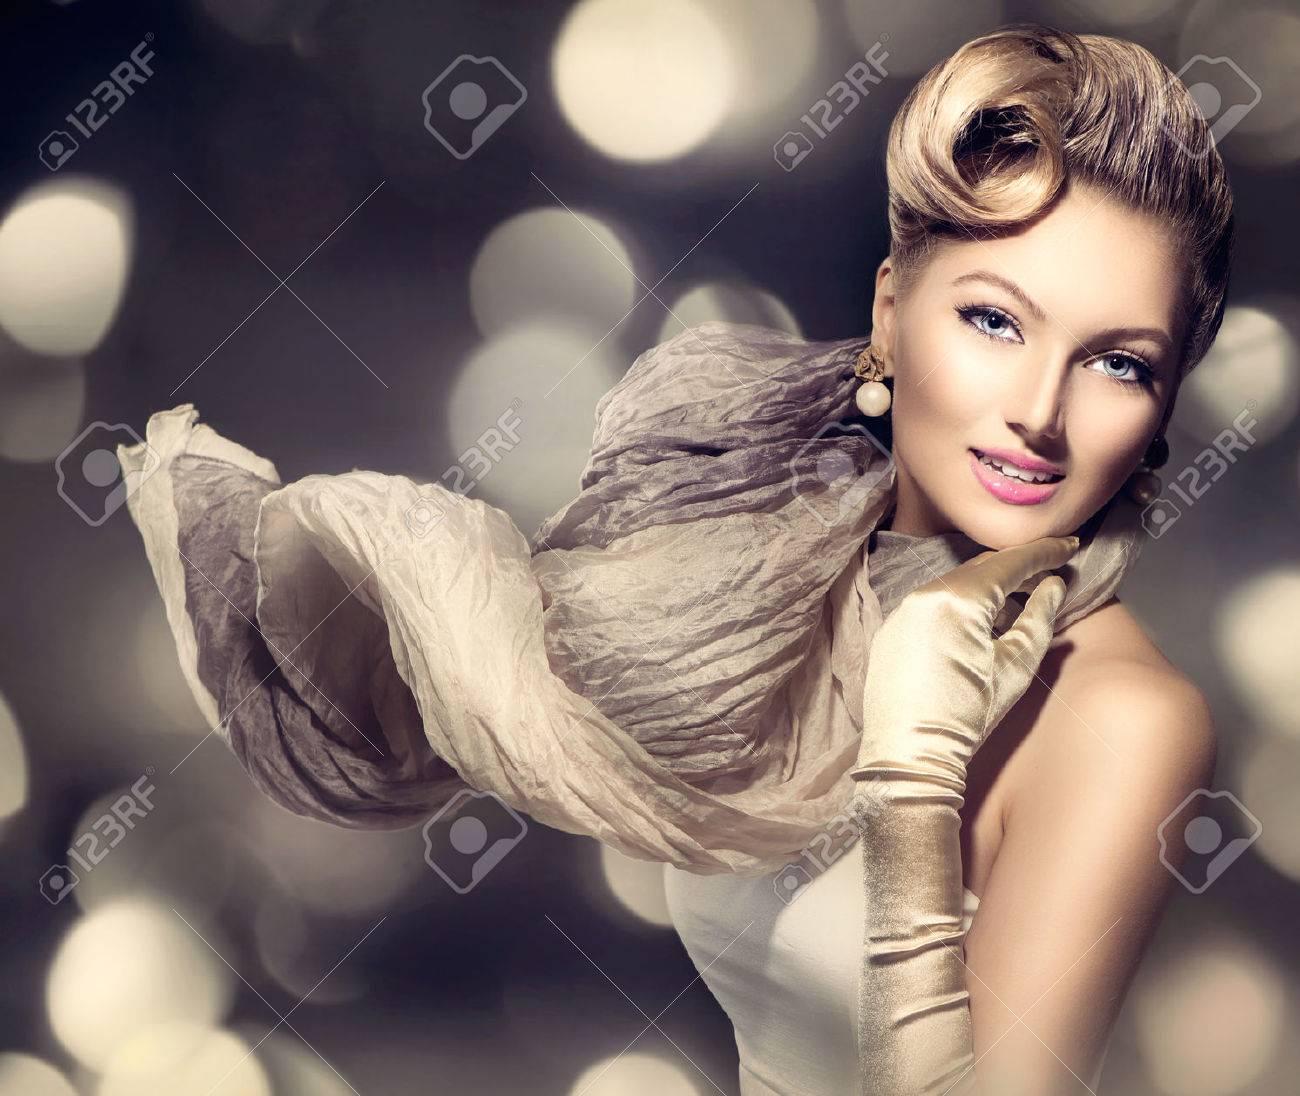 Русские дамы гламурные 2 фотография